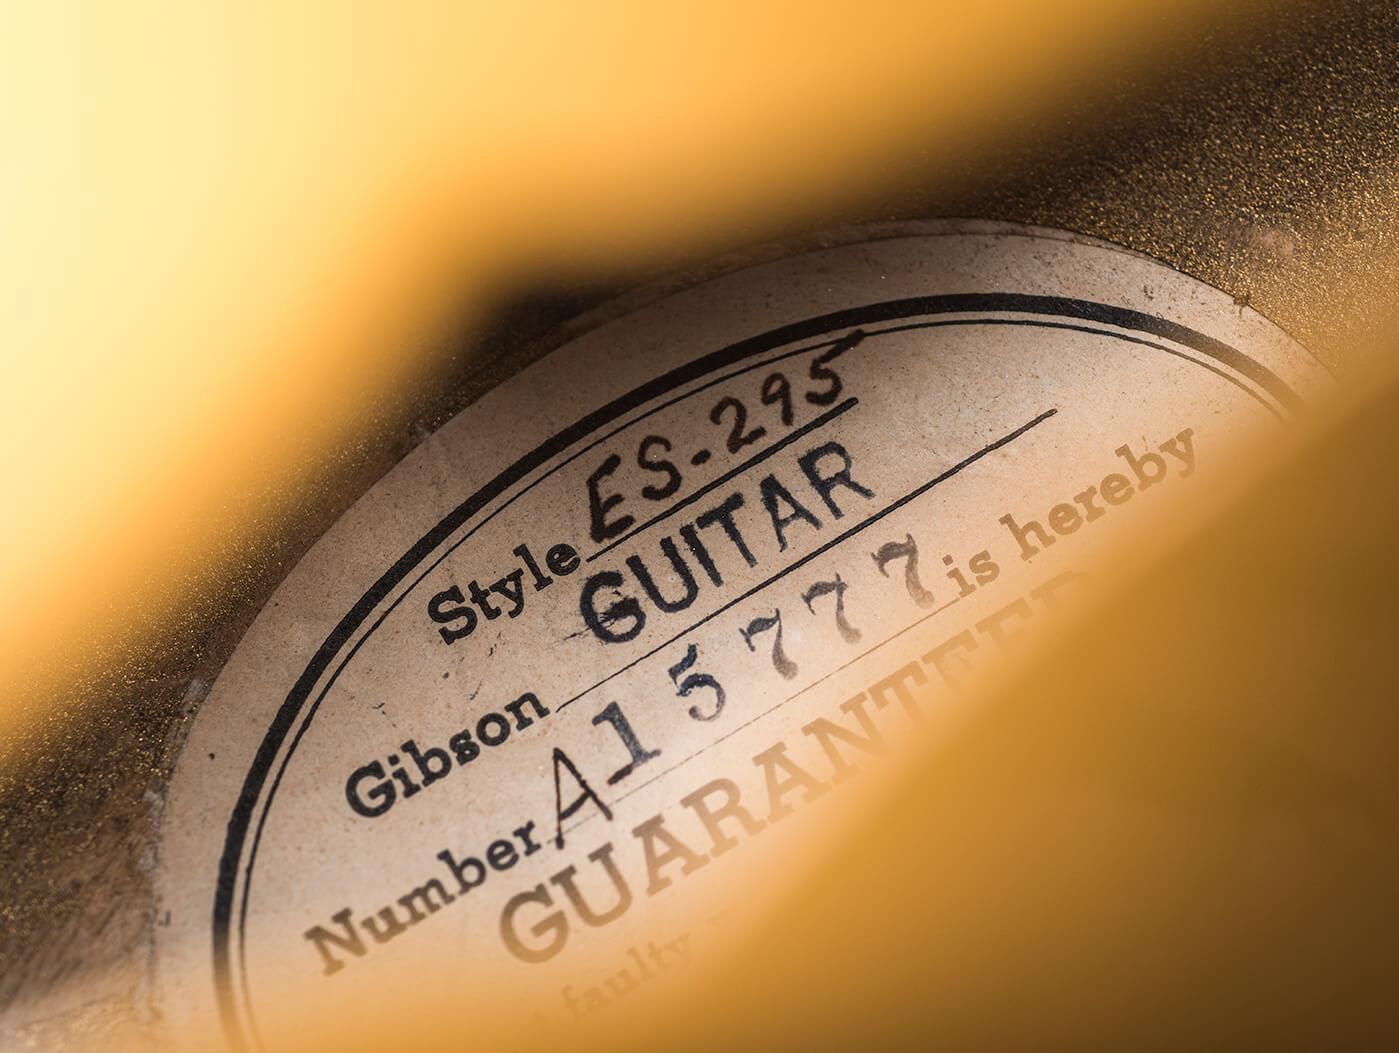 VBT 1953 Gibson ES-295 serial number